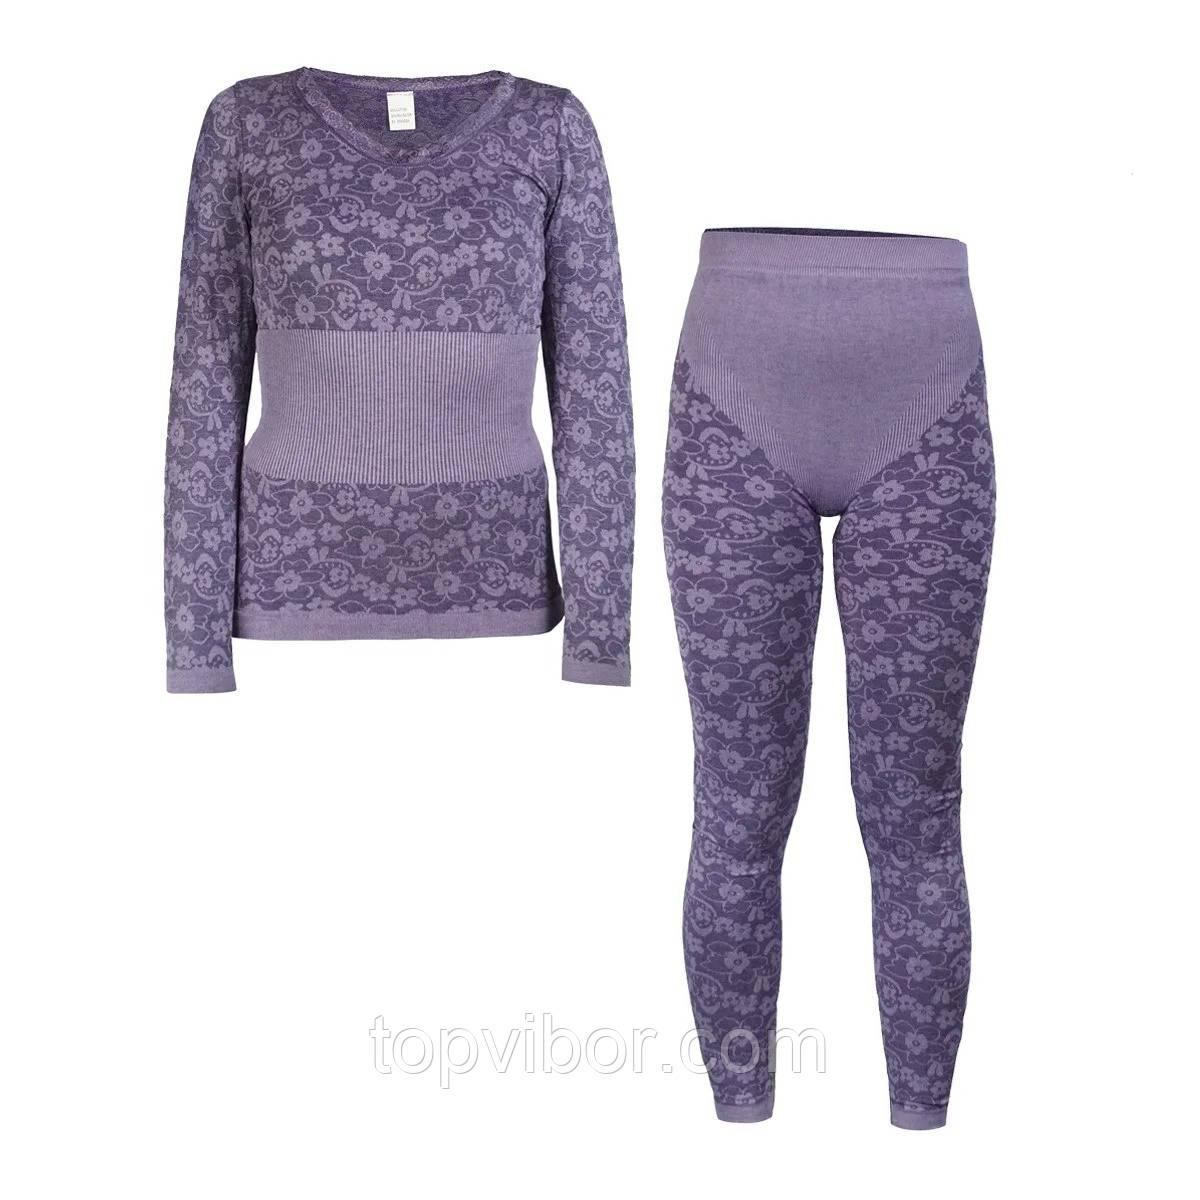 Жіноча термобілизна Фіолетова, зимова термобілизна для жінок для повсякденного носіння з доставкою